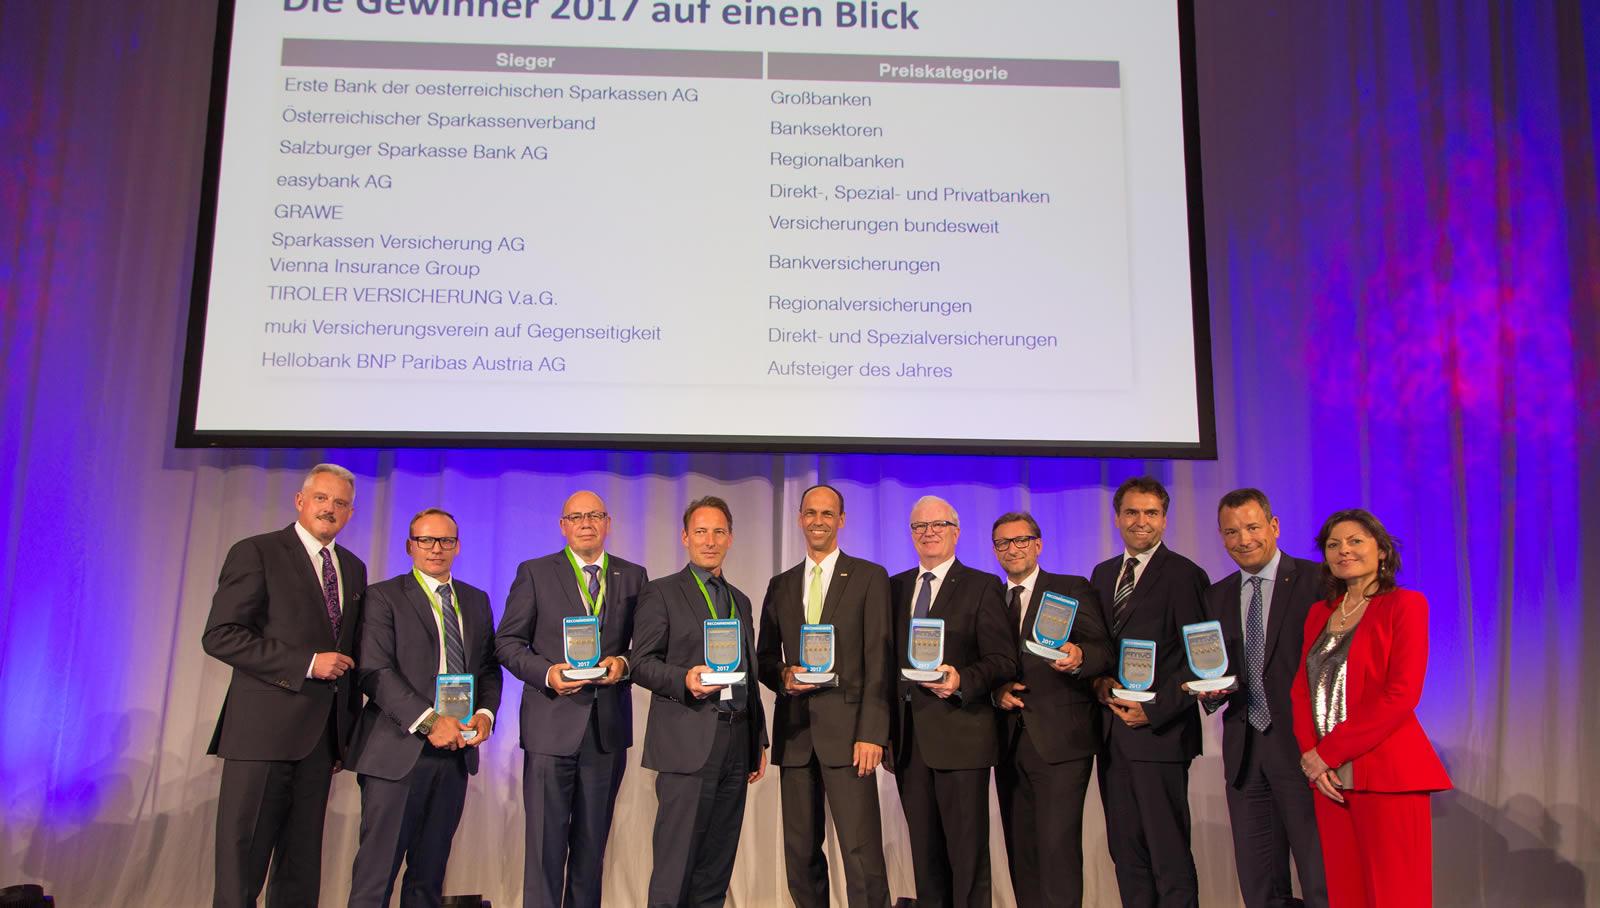 Recommender Award Sparkasse Verband österreich